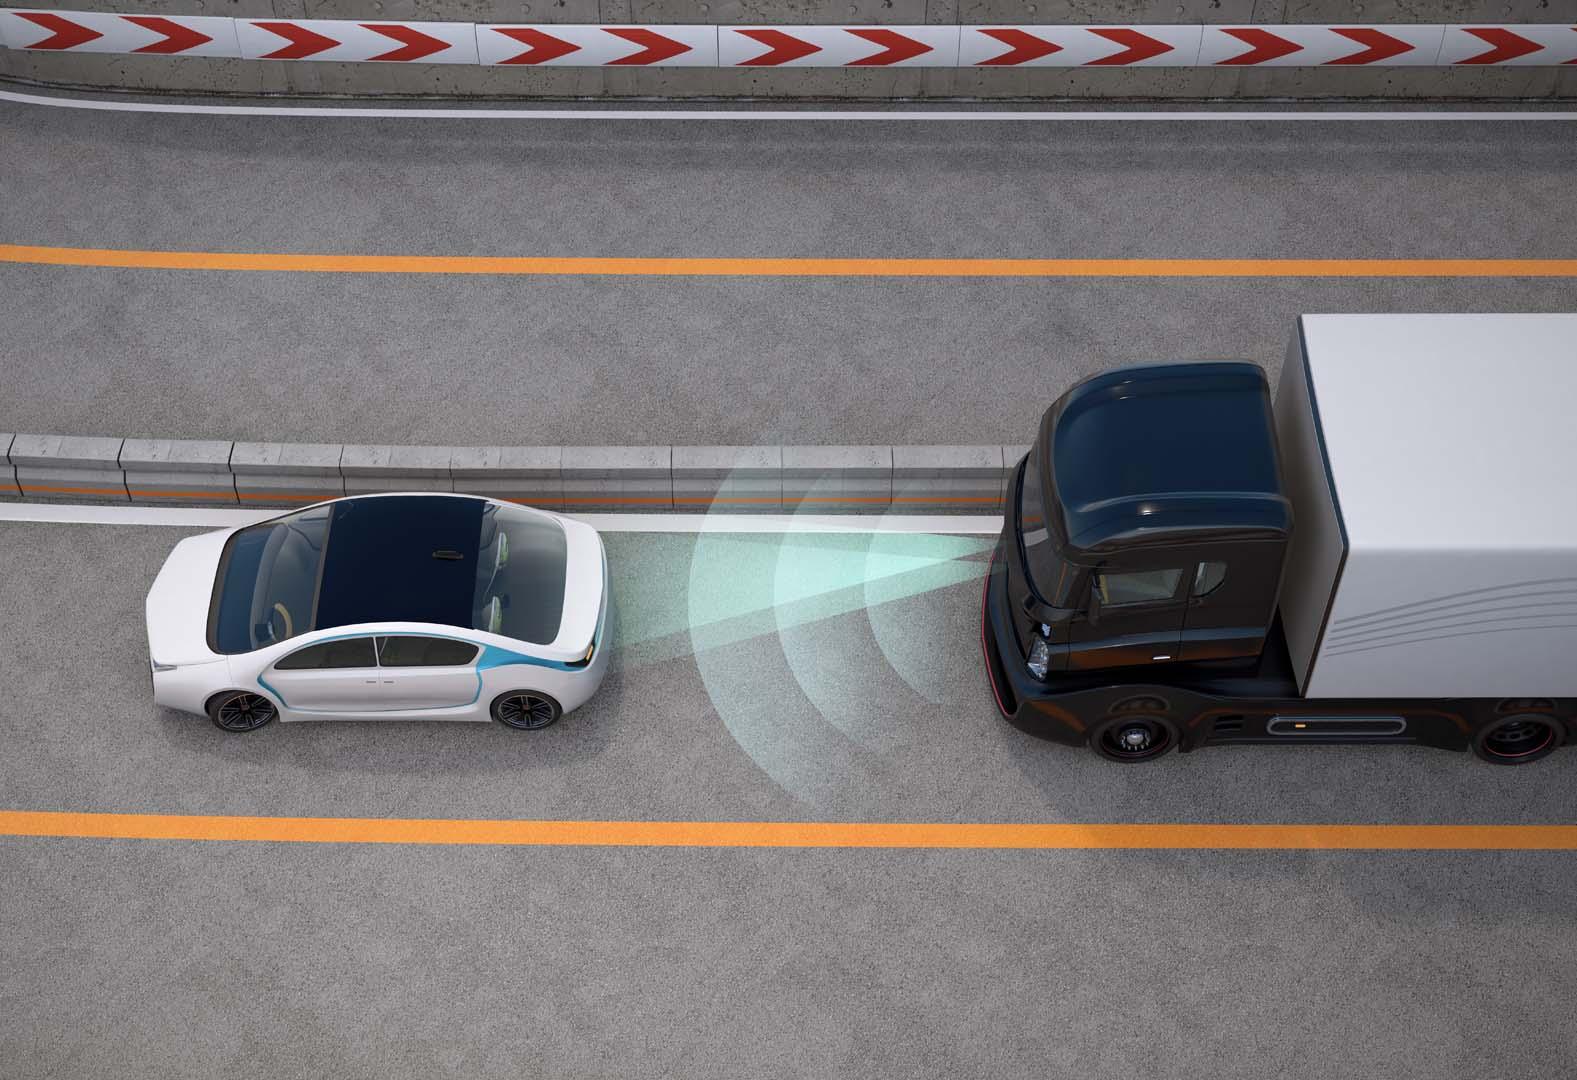 Sistemi di Trasporto Intelligenti Cooperativi: la Commissione Europea lancia una consultazione pubblica